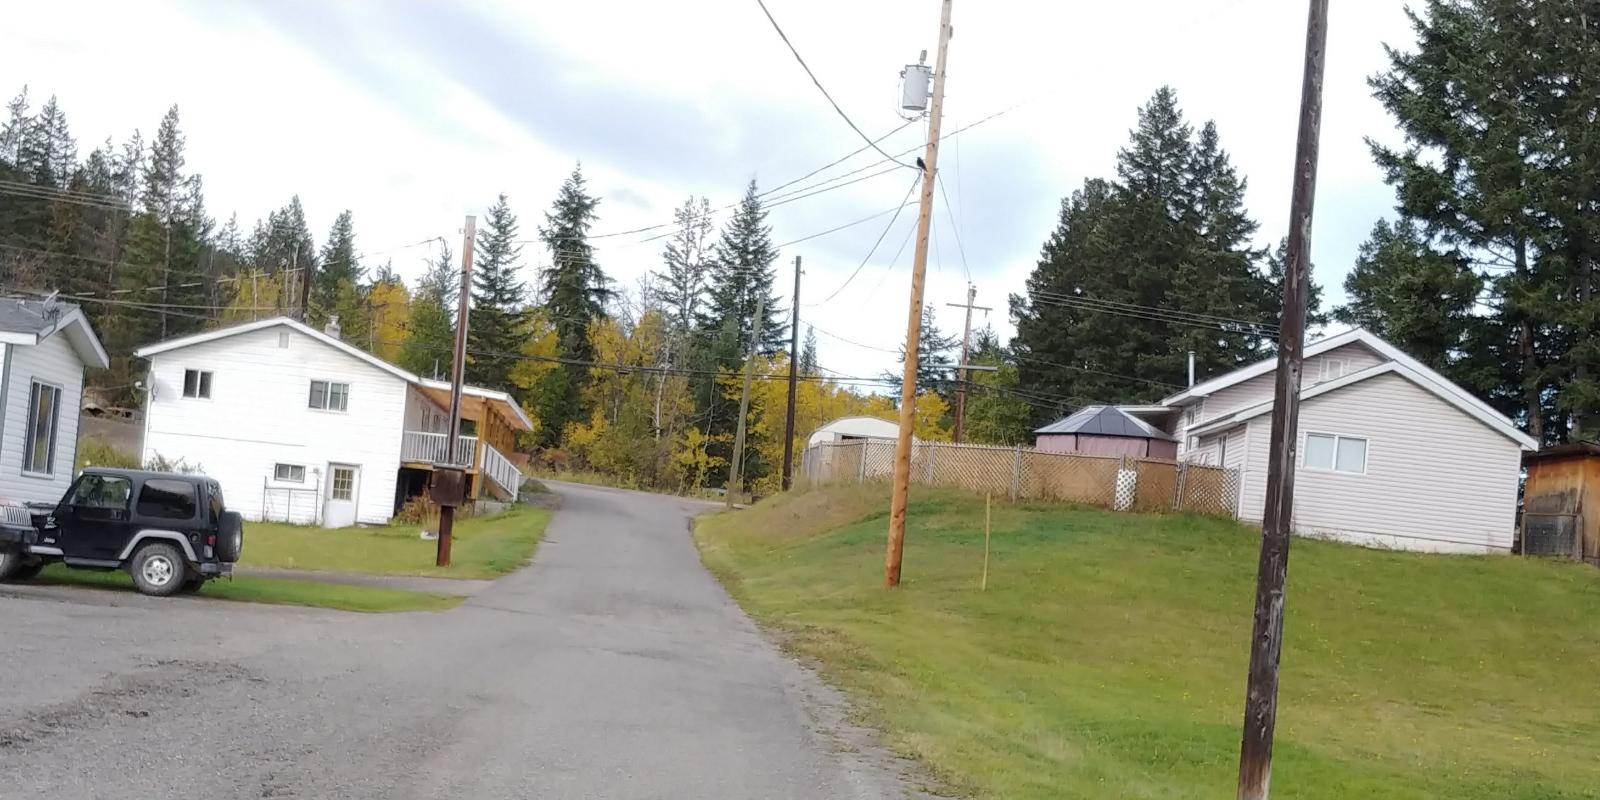 Hillside Mobile Home Park - MobileParks.com